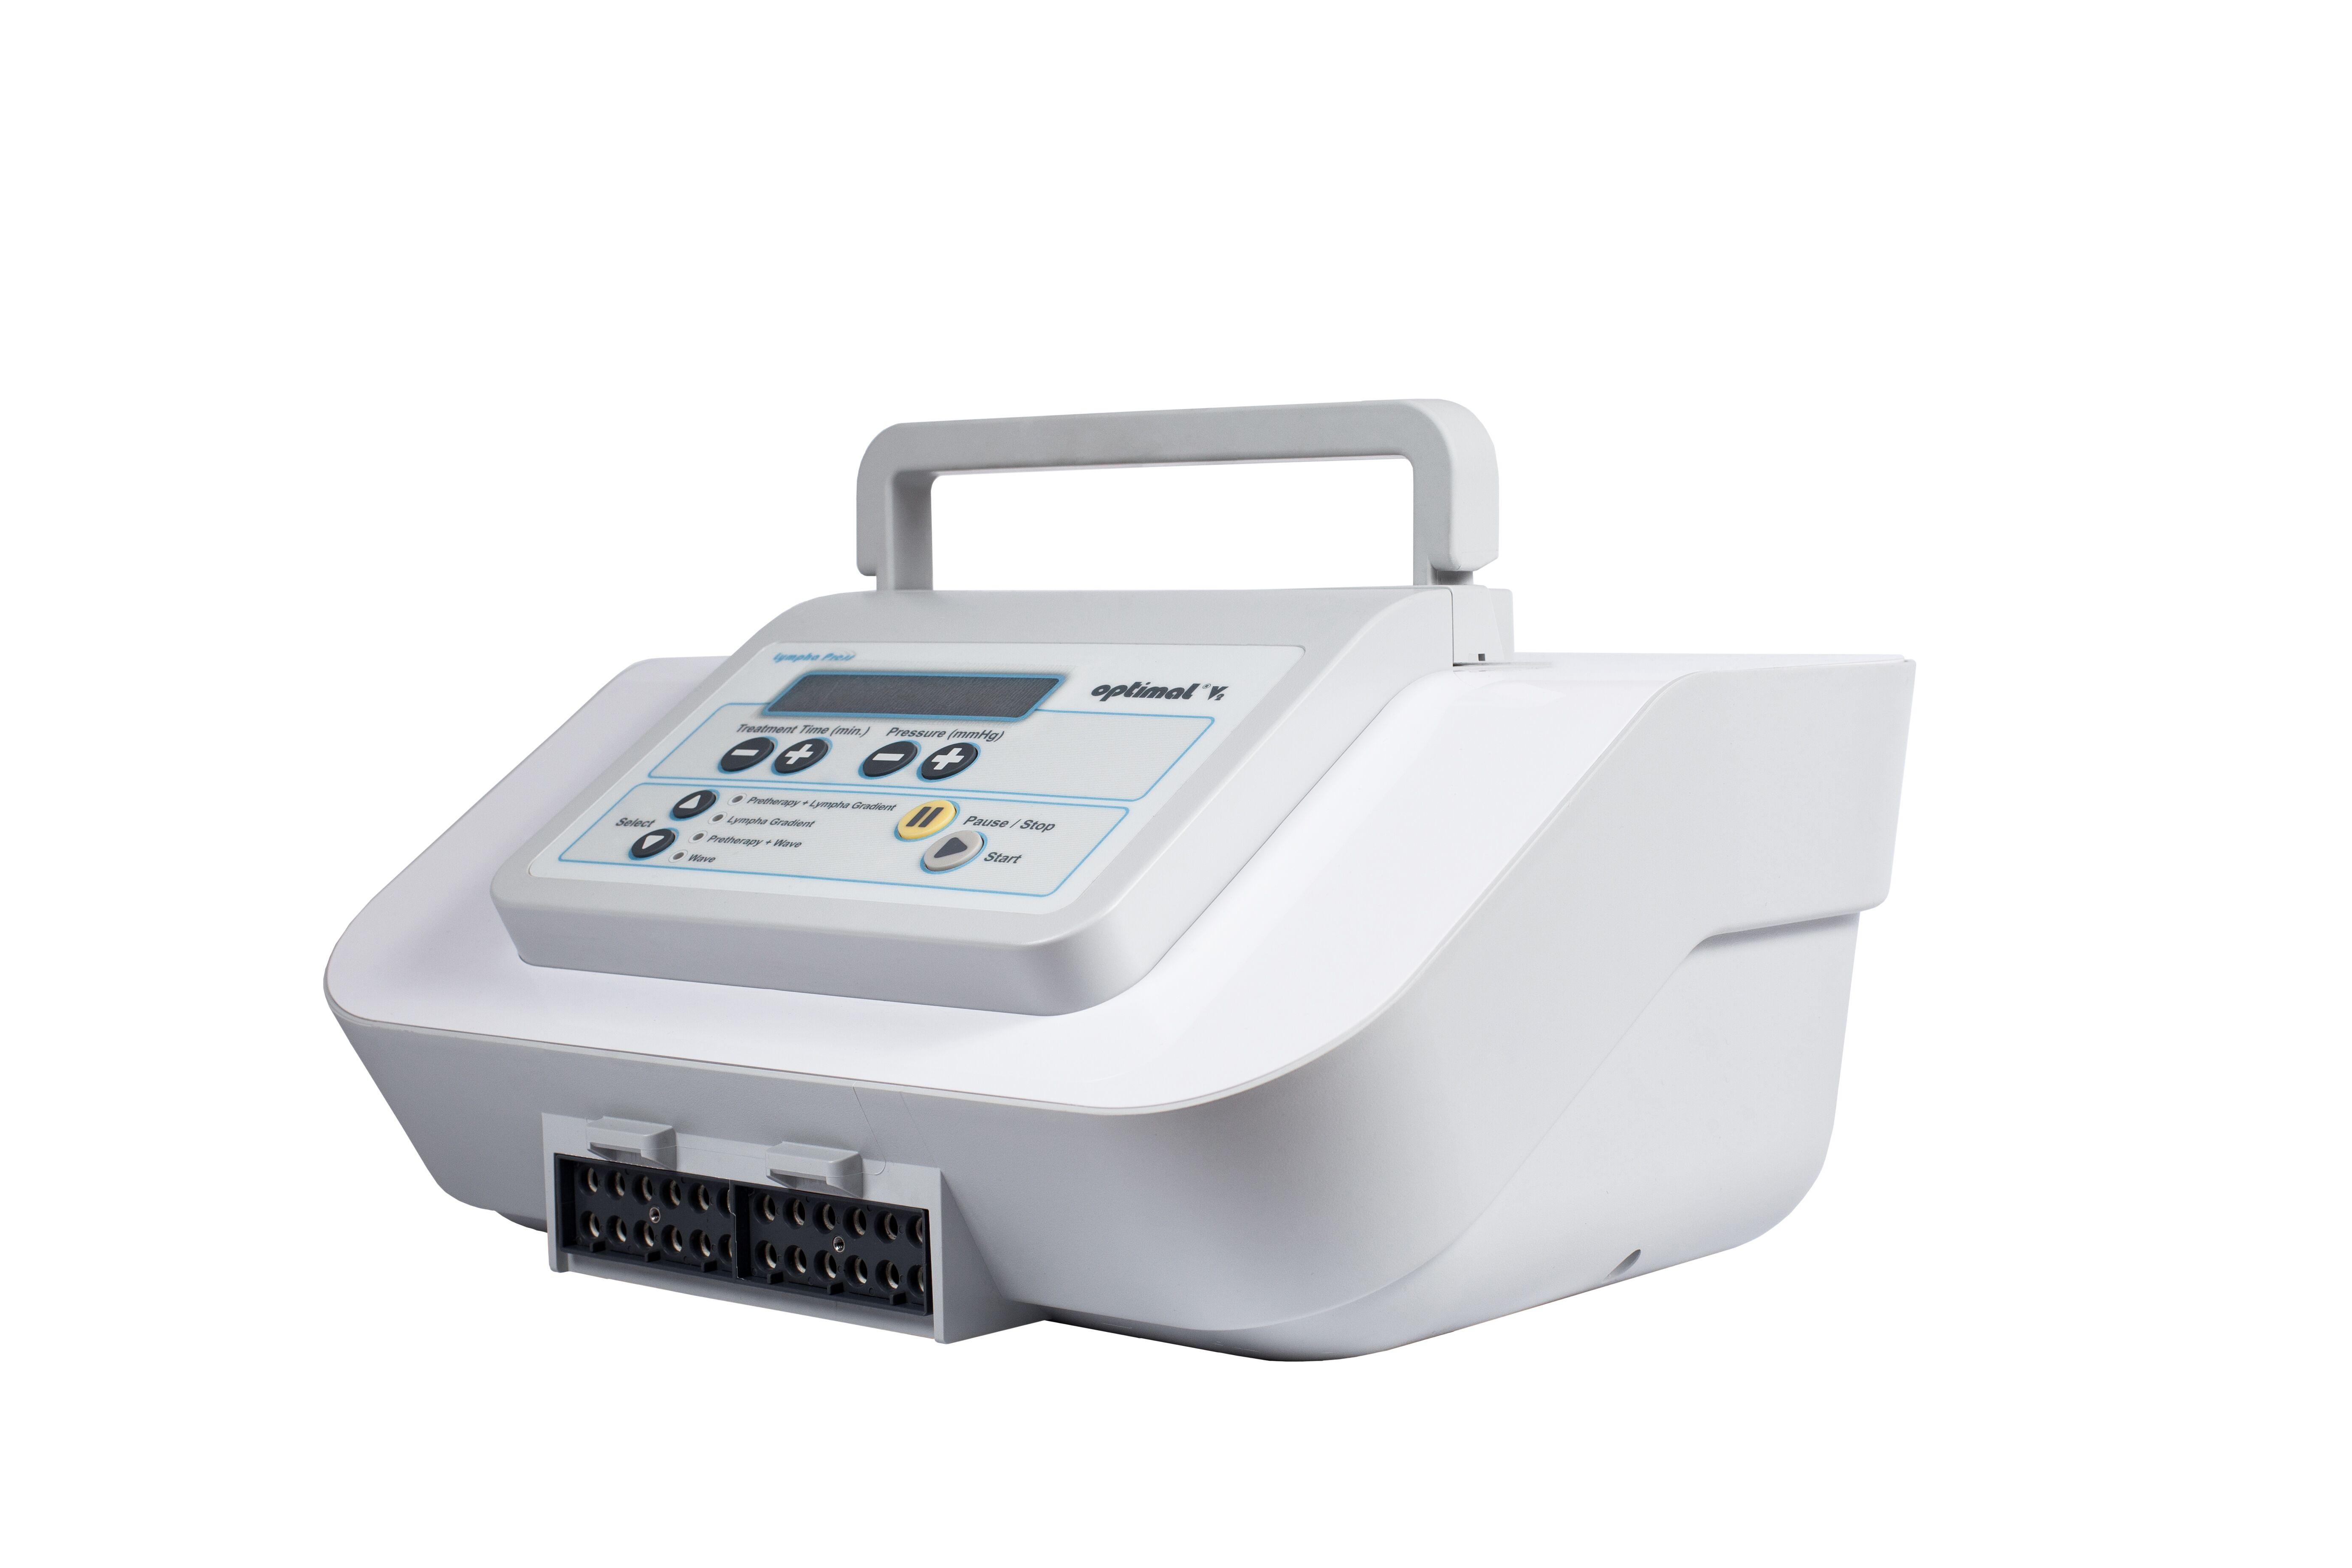 оборудование для прессотерапии 1